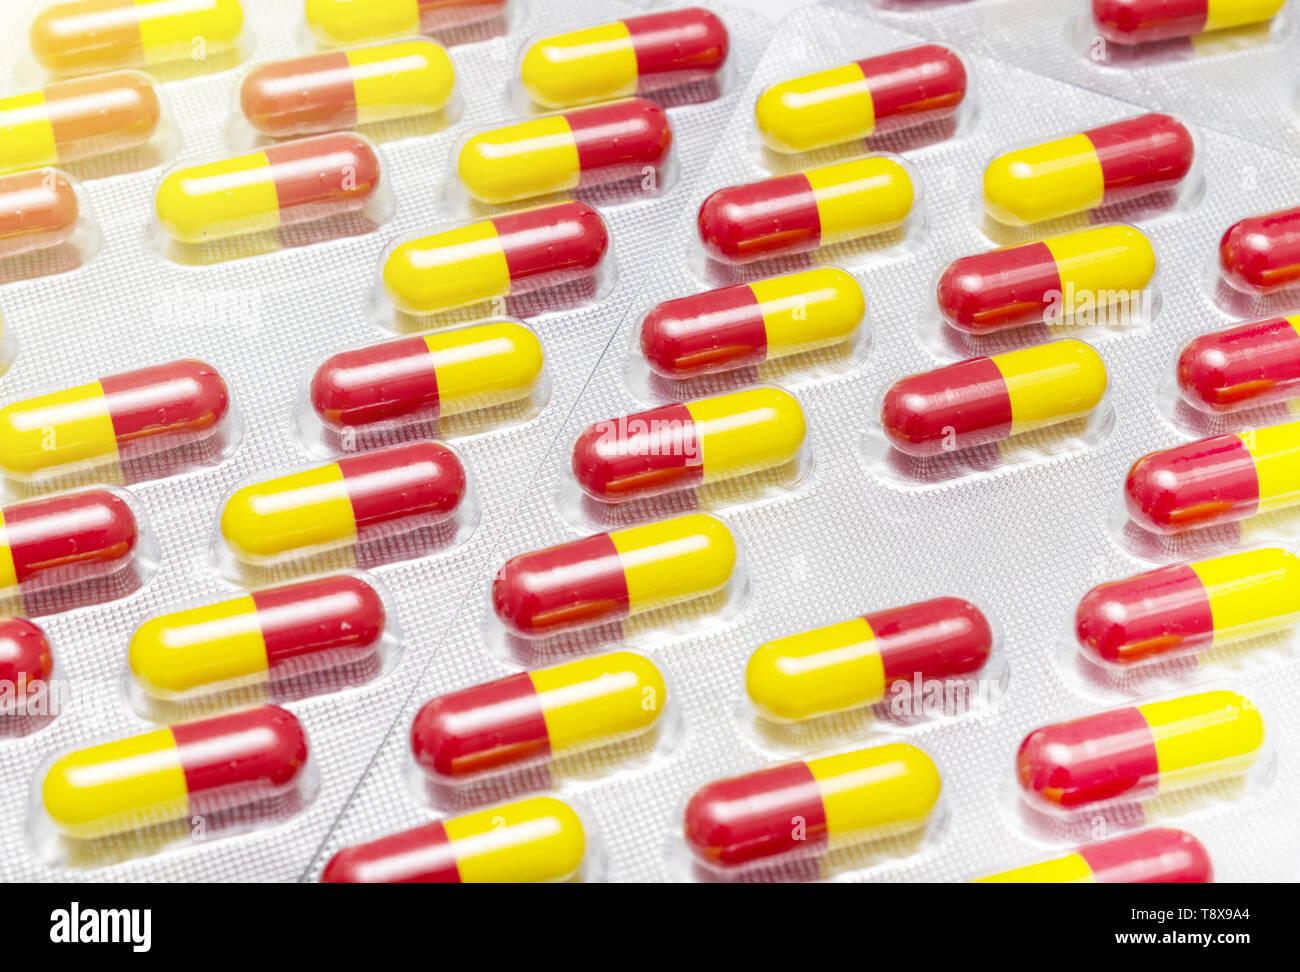 Medizin, Pillen Medikamente und Heilmittel noch im Paket closeup Makro Stockfoto